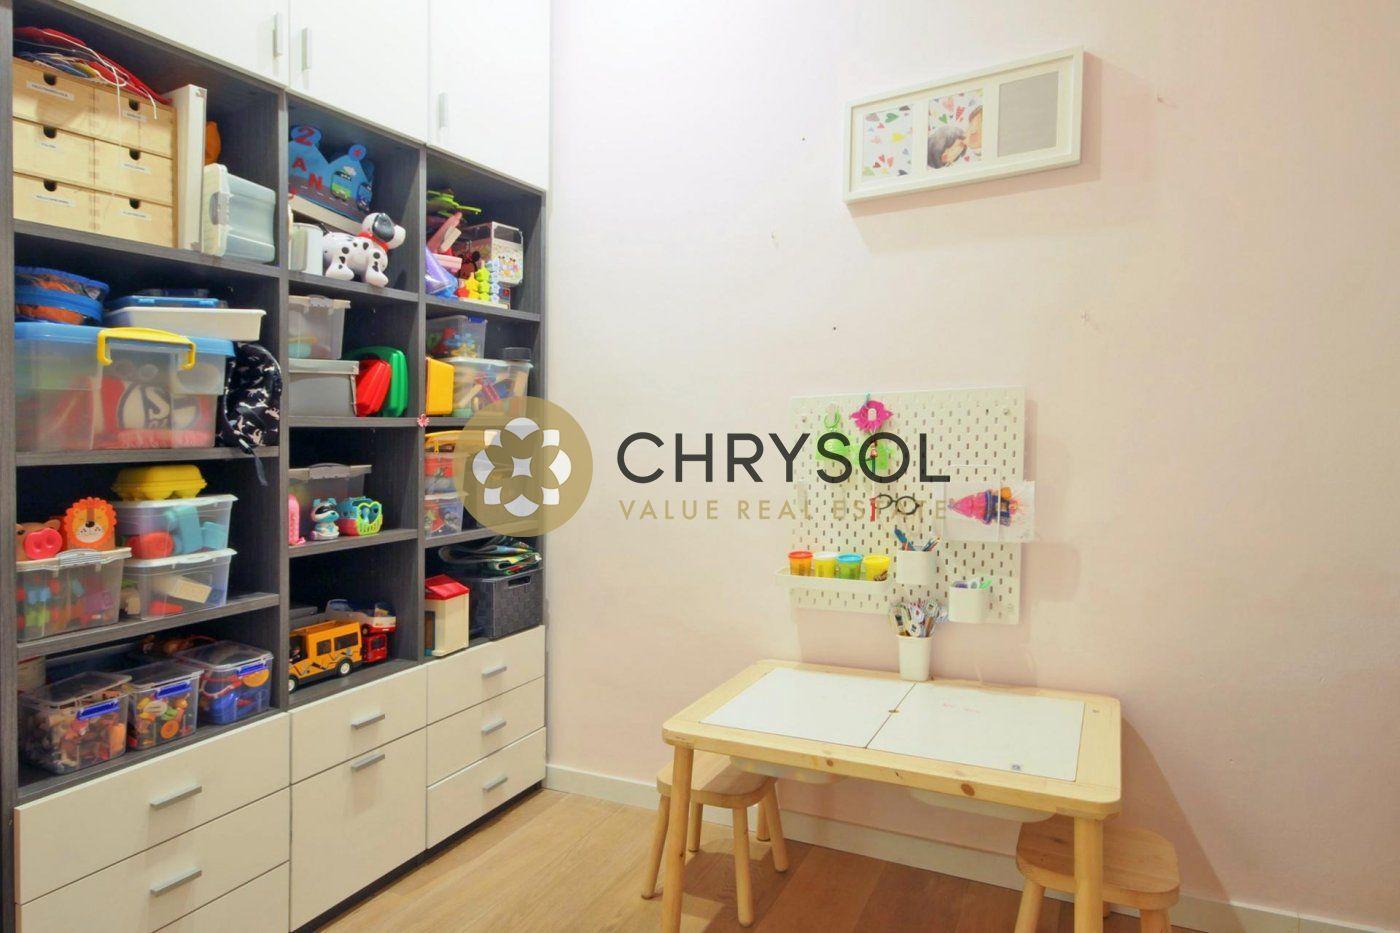 Fotogalería - 23 - Chrysol Value